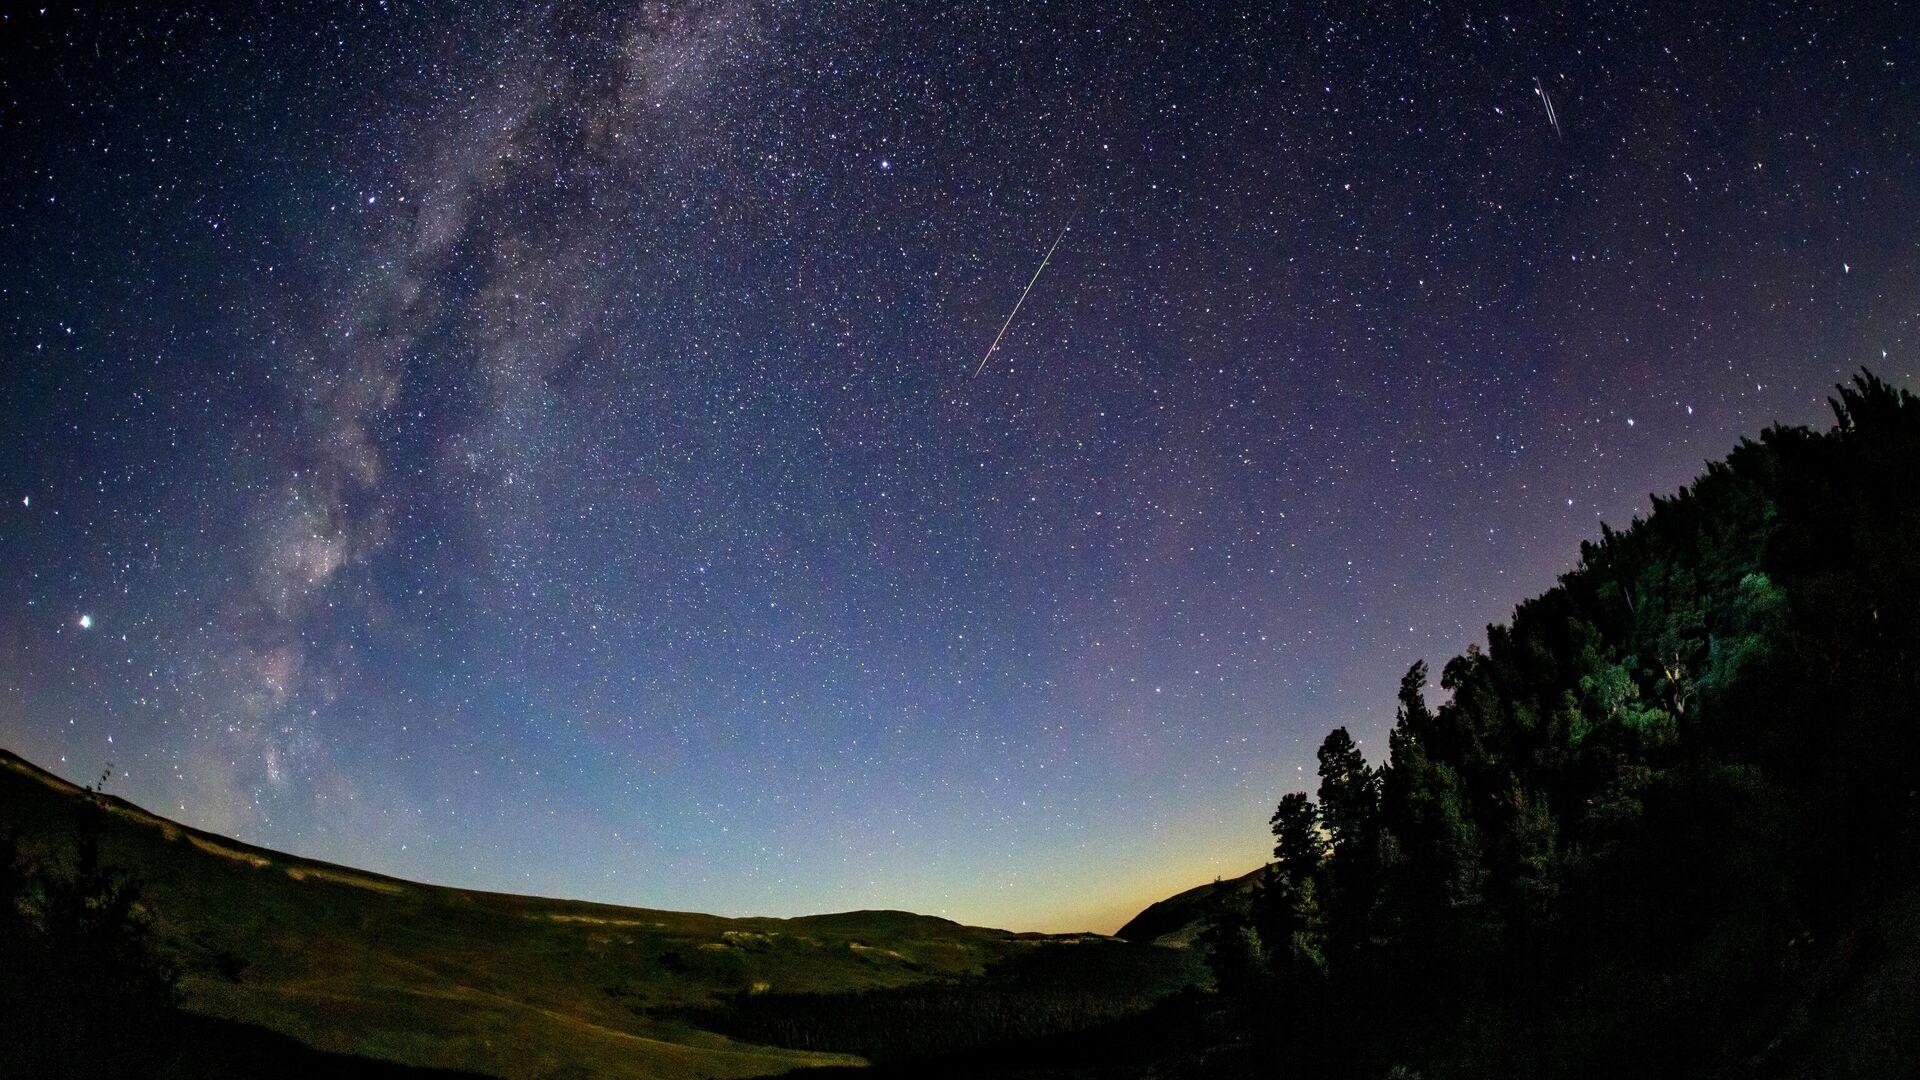 Астрономы спрогнозировали пик звездопада на середину майских праздников